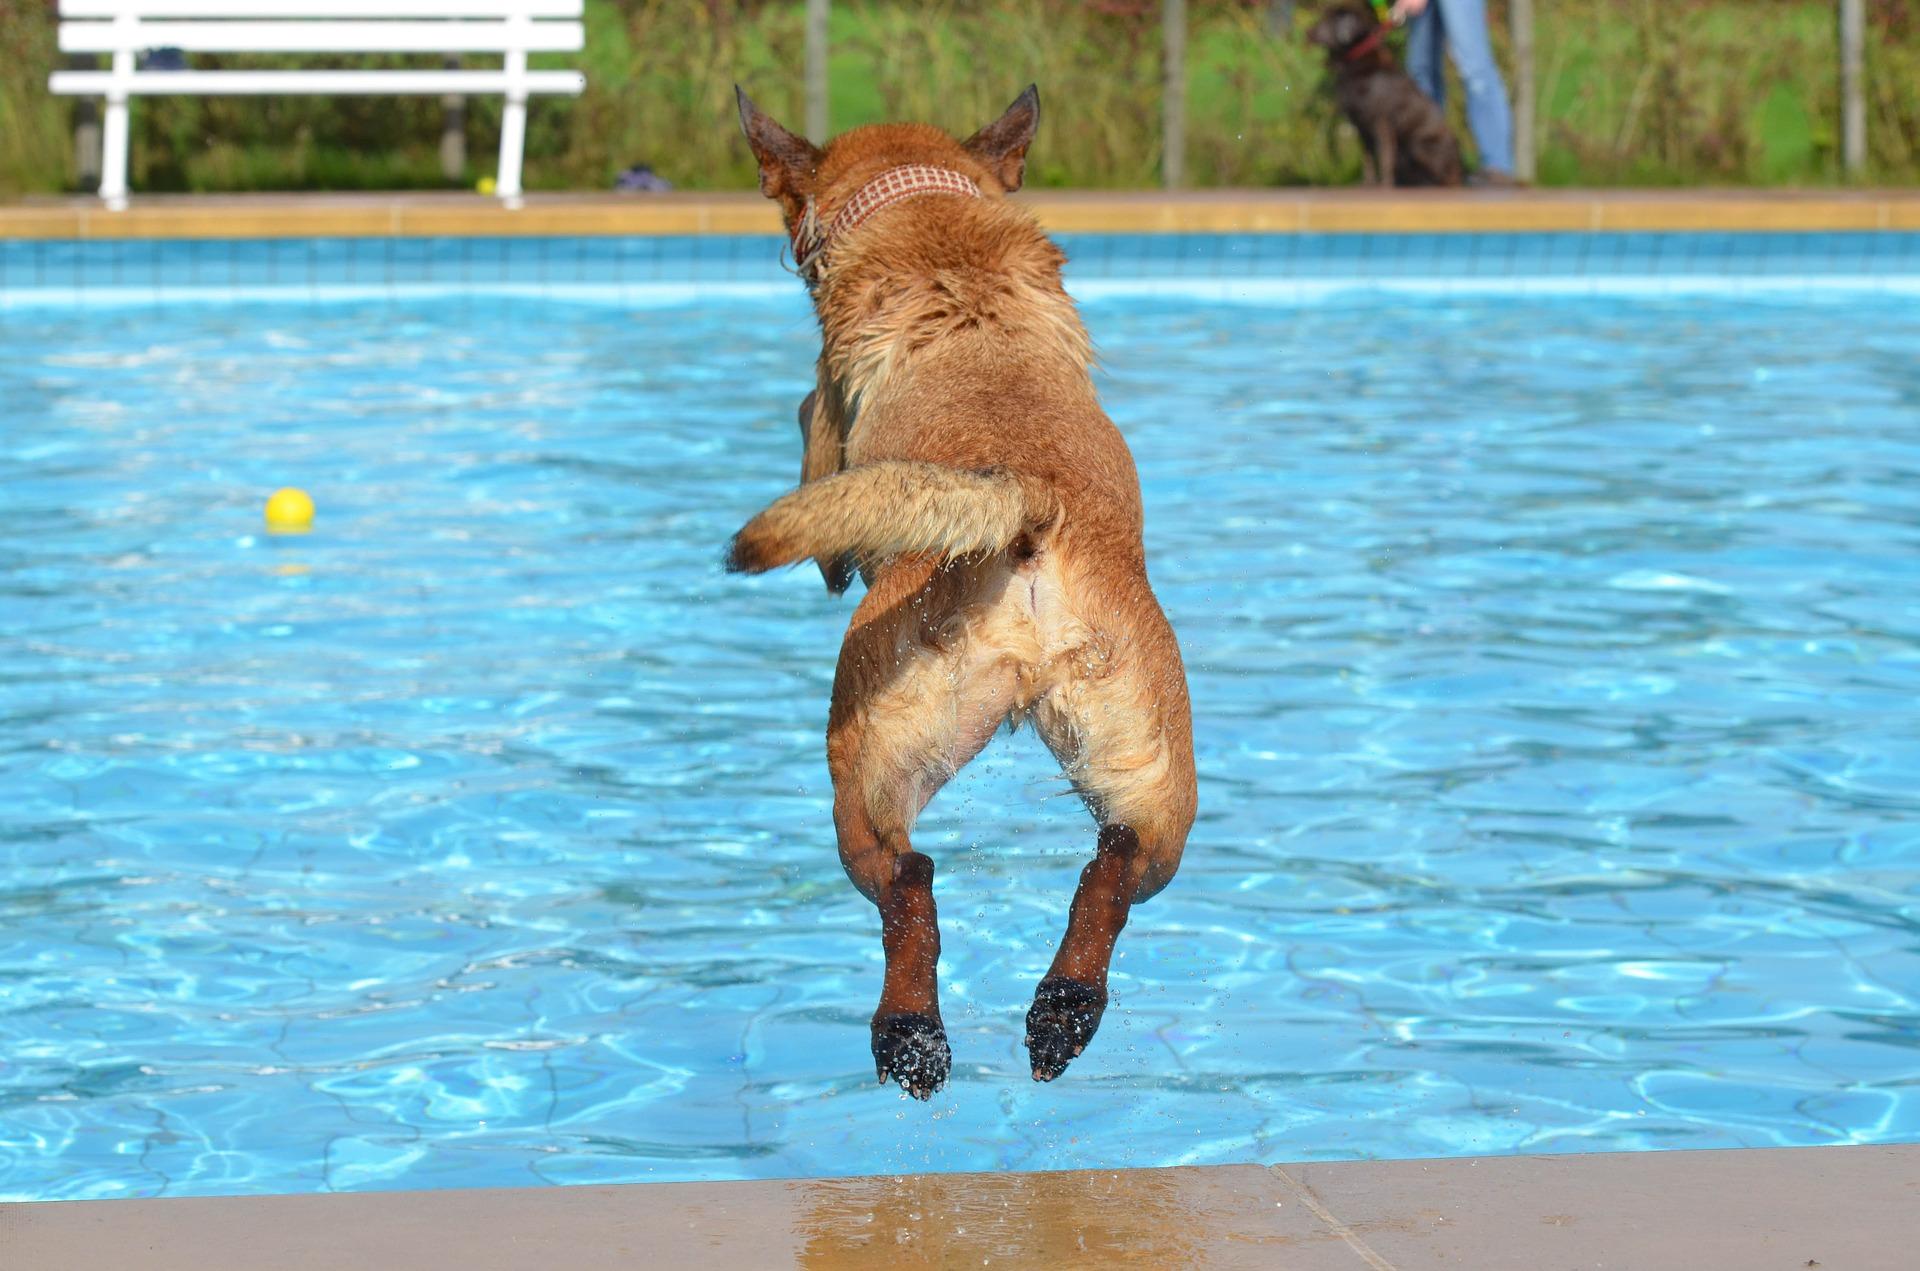 Pies przebywający na dworze podczas upałów musi mieć zapewniony dostęp do dużej ilości wody i do cienia. Warto też umożliwić mu dostęp do pomieszczeń - domu, garażu, a także pomyśleć nad montażem spryskiwacza lub rozpylacza ogrodowego.